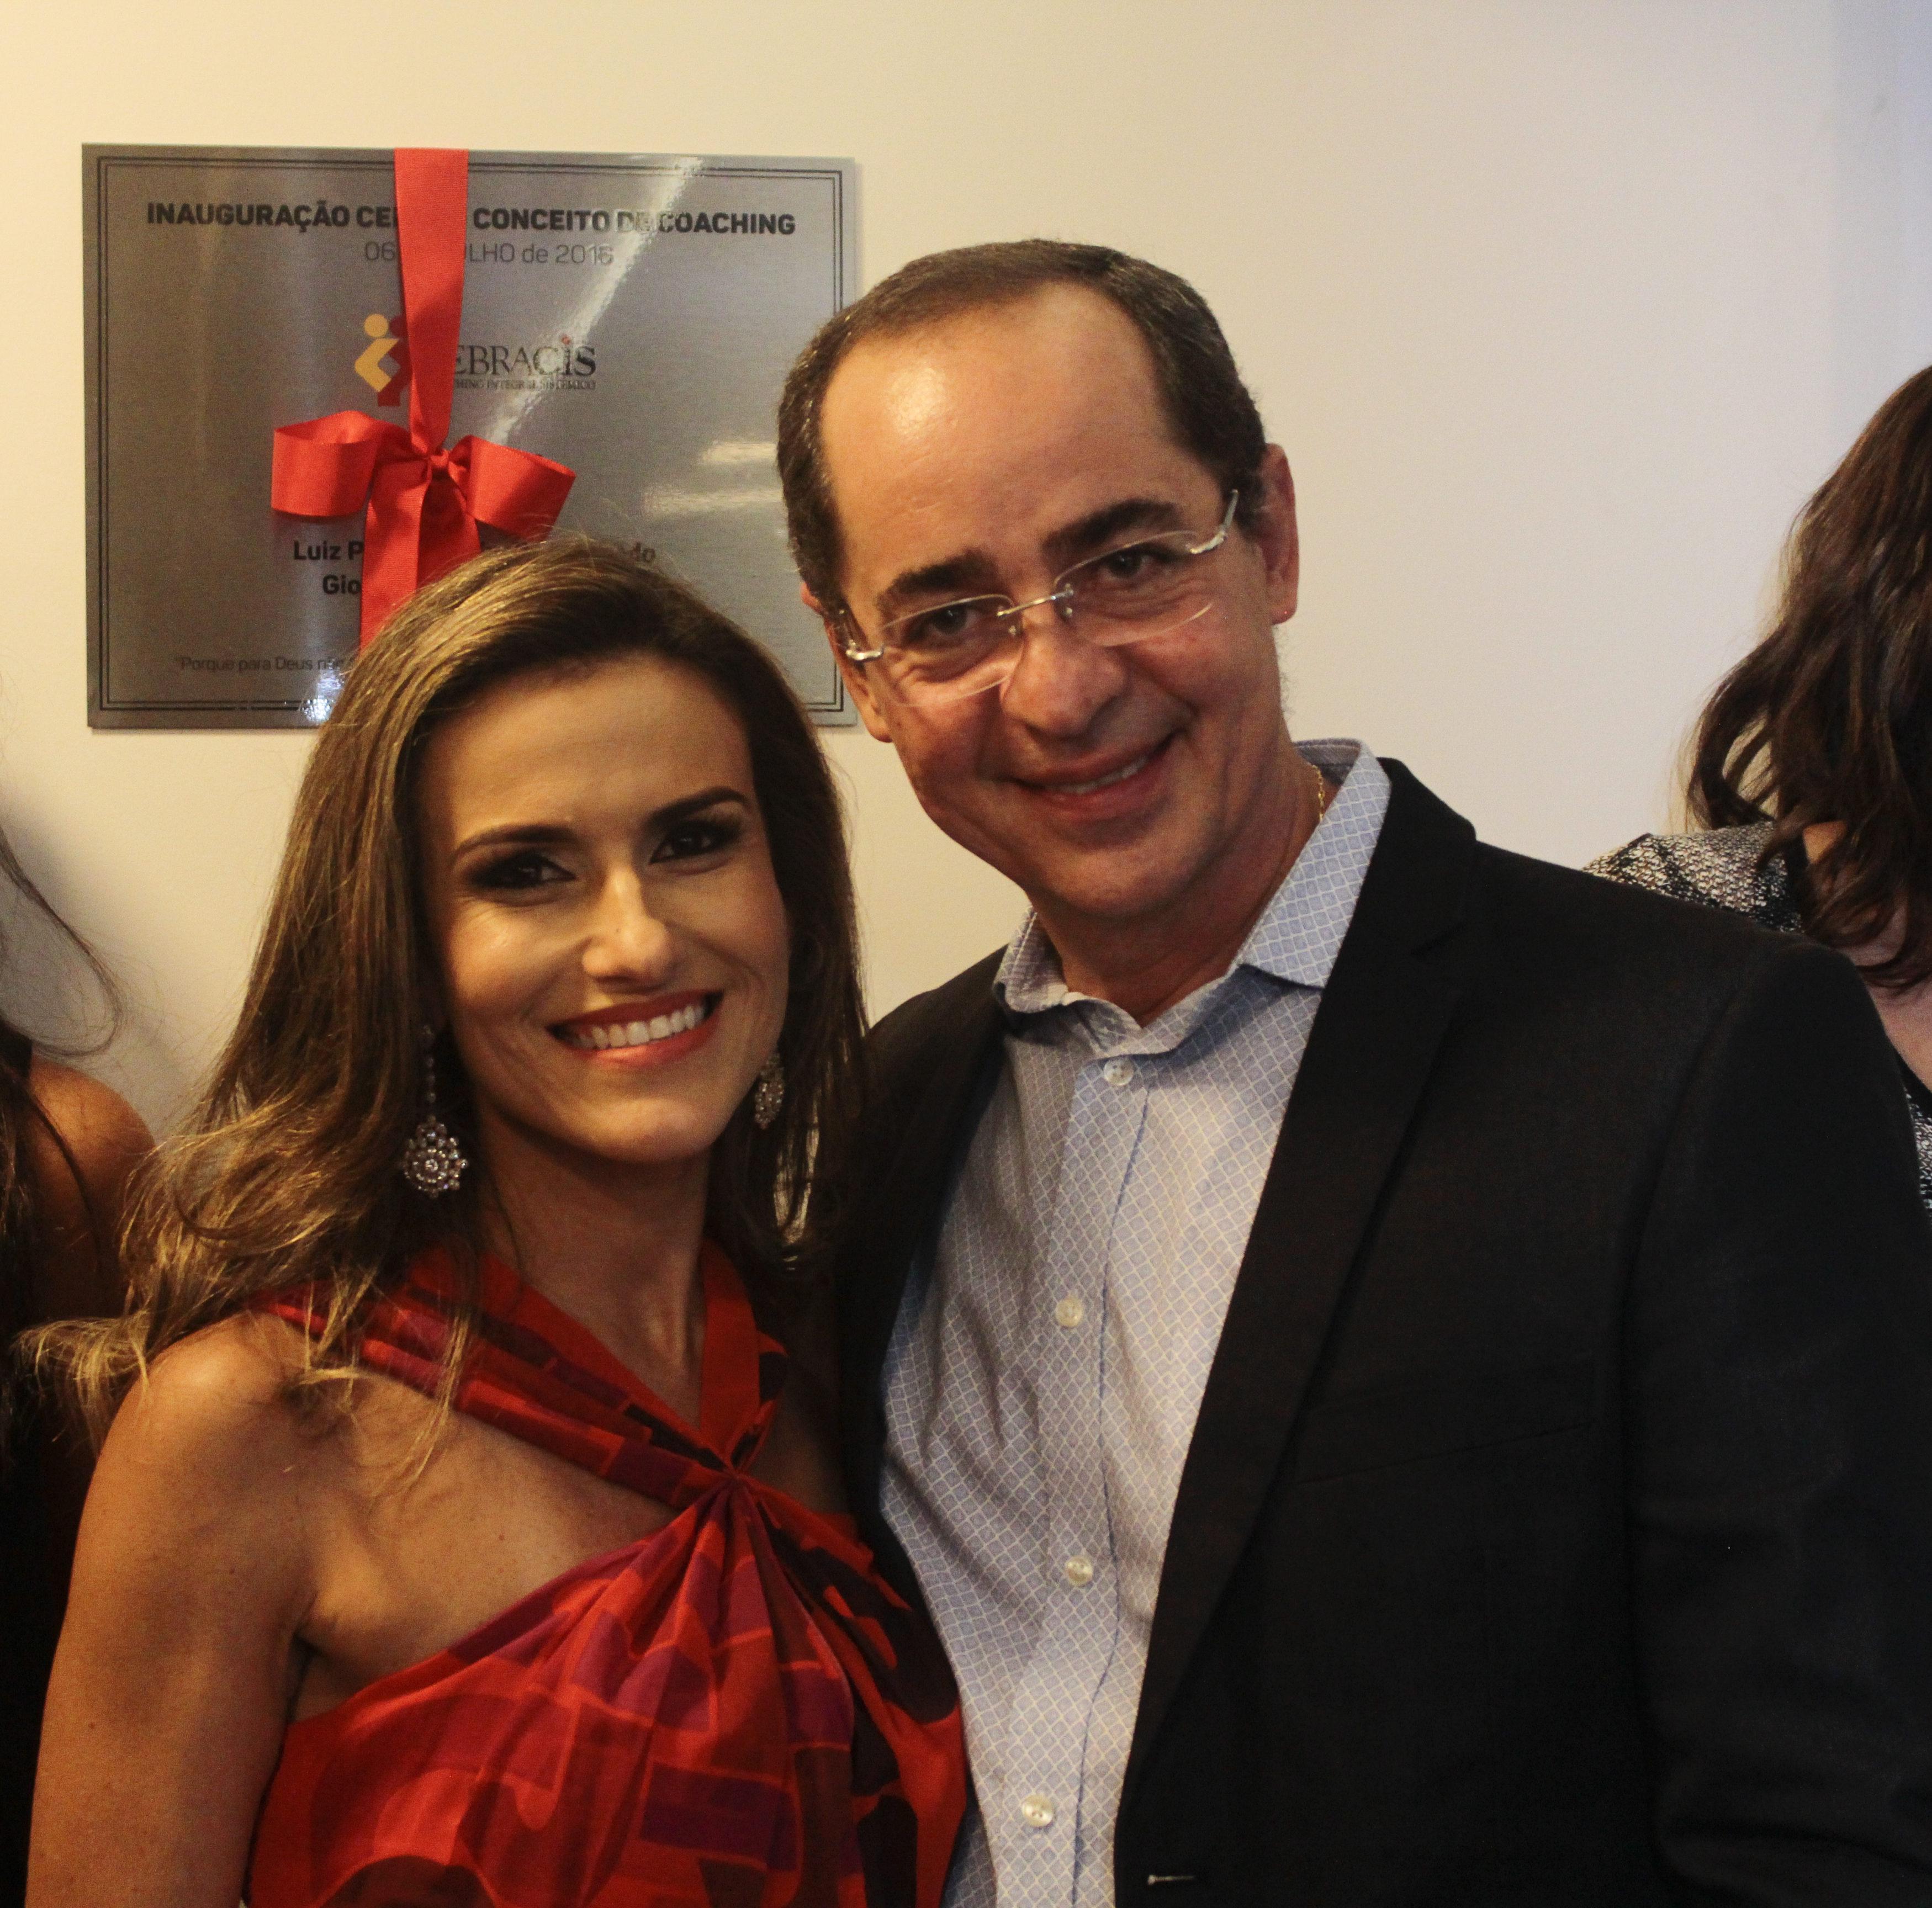 Paulo Vieira e Camila Campos Saraiva